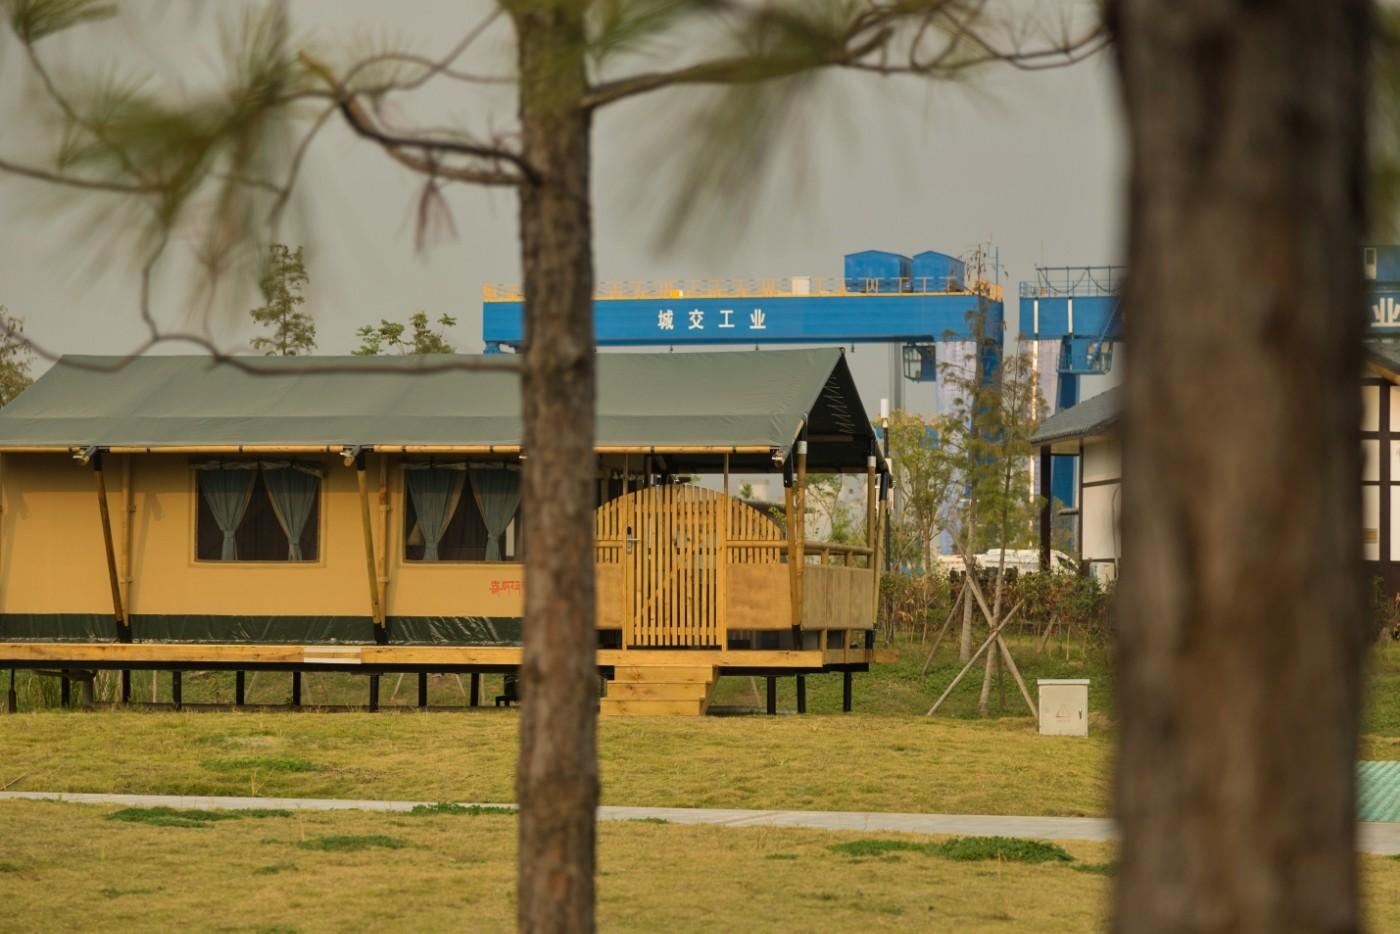 喜马拉雅野奢帐篷酒店—浙江留香之家露营地(54平)10